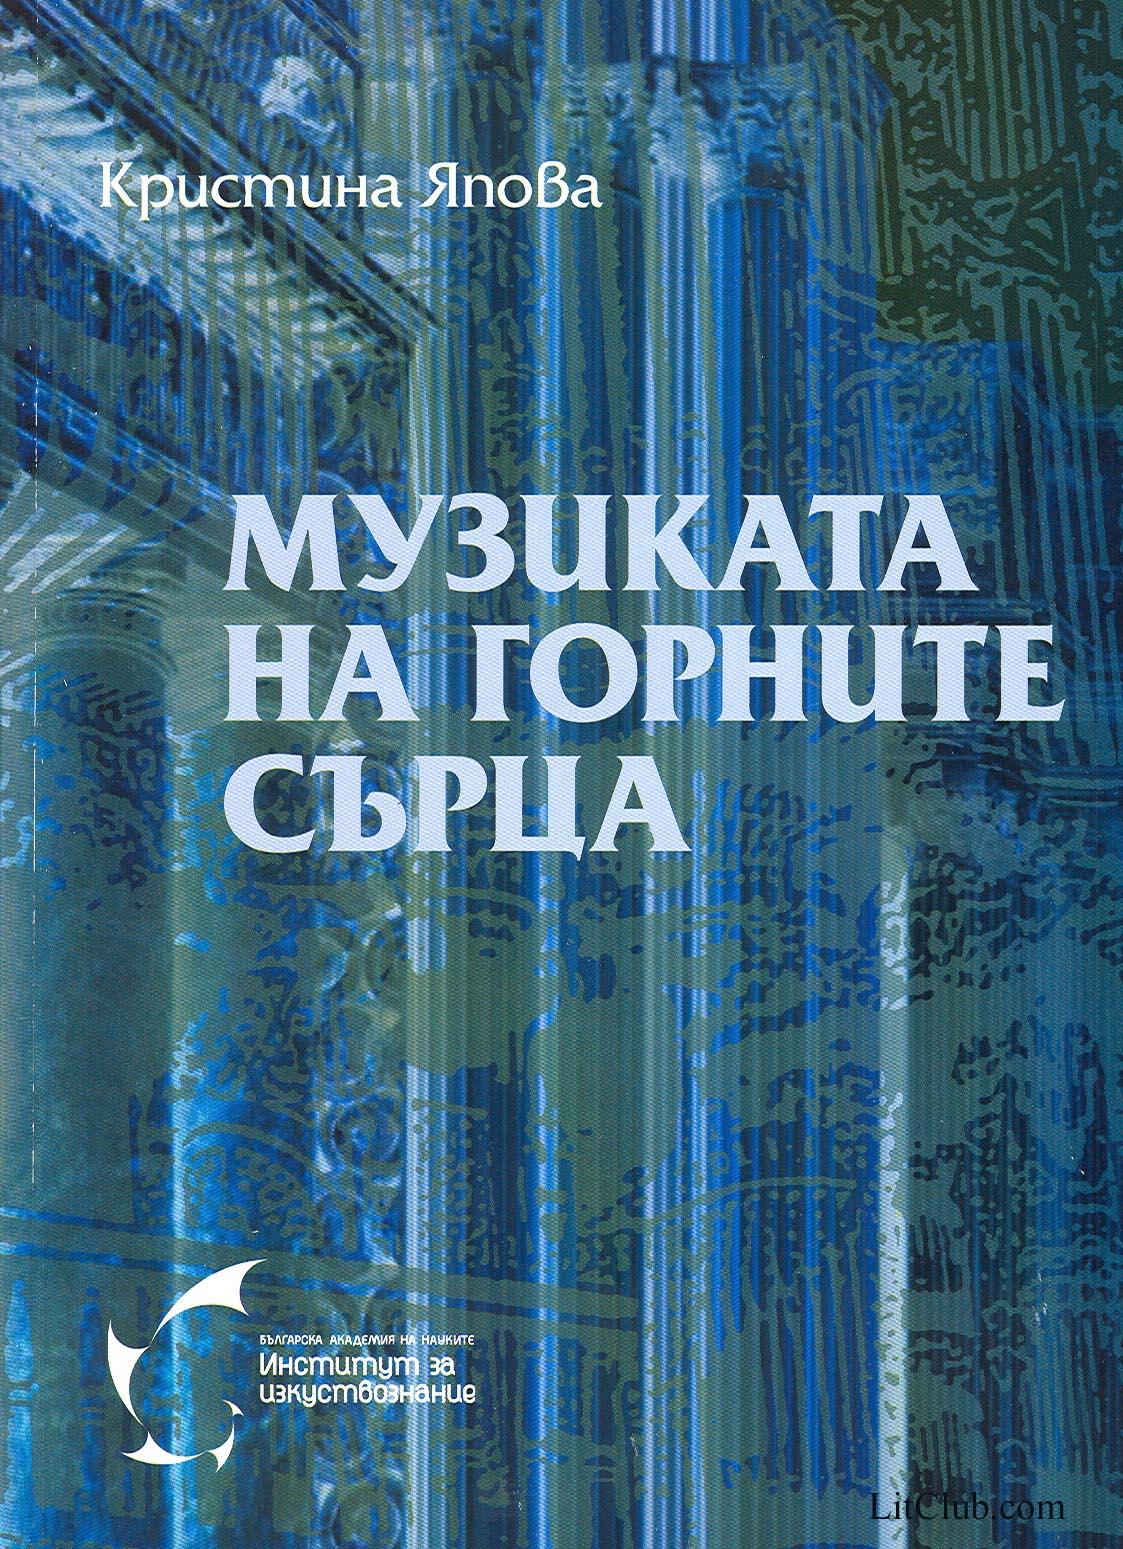 Кристина Япова ``Музиката на горните сърца`` - Институт по изкуствознание